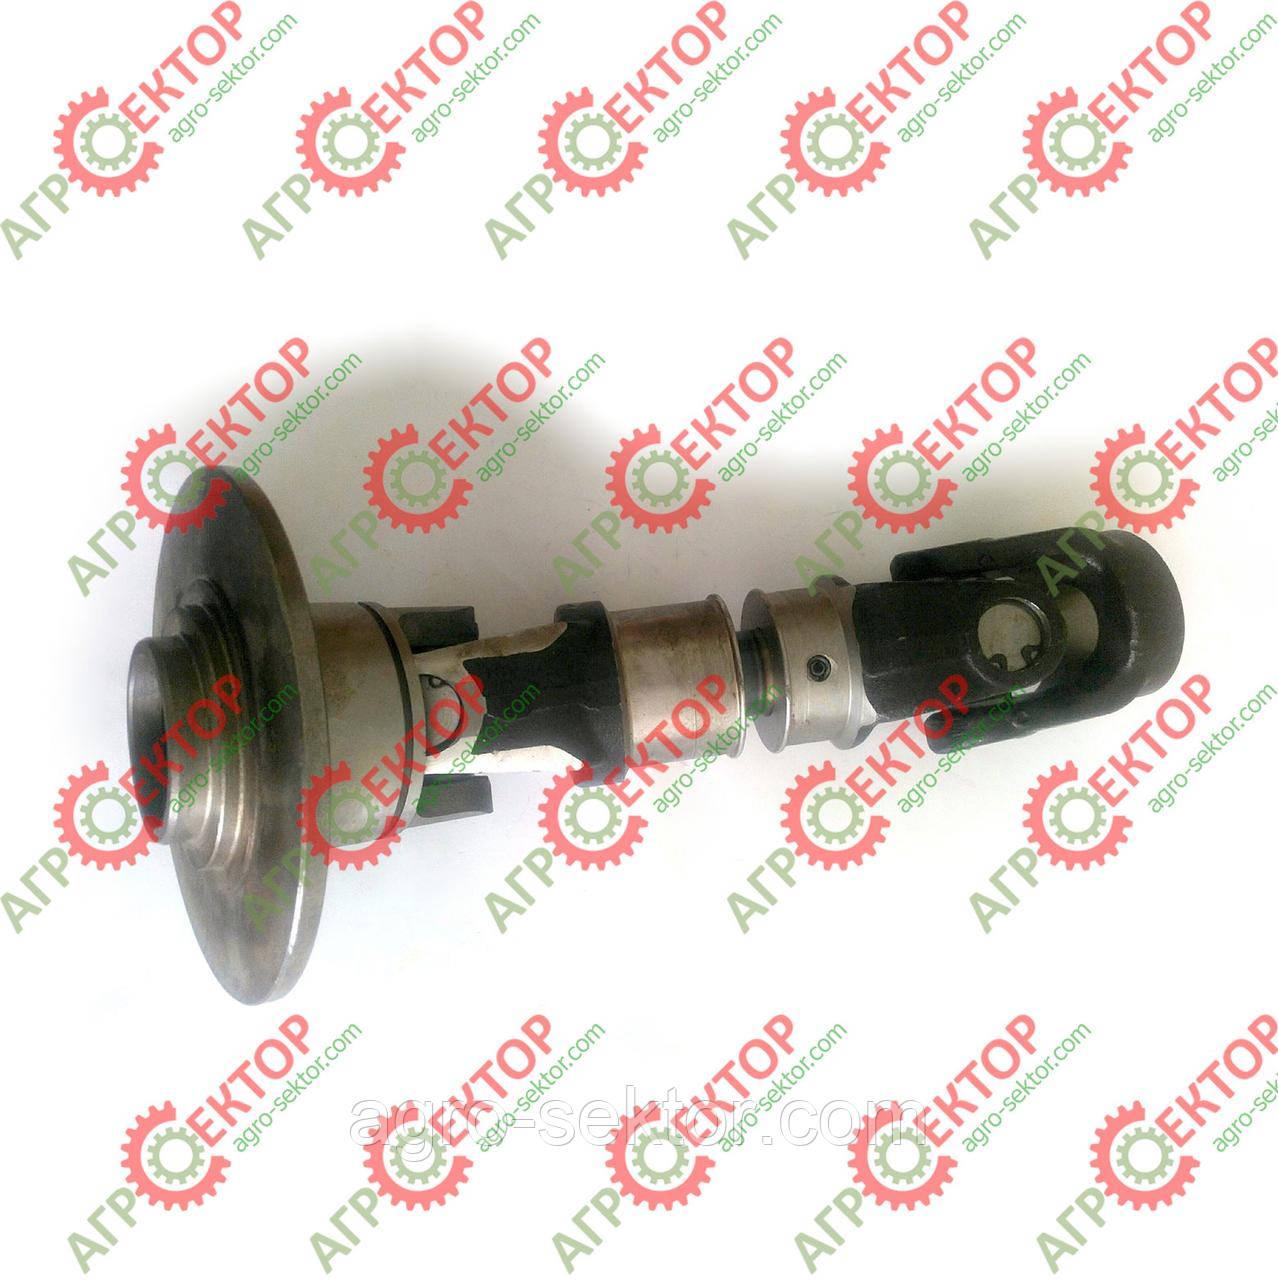 Половина карданного валу з шліцевим валом запобіжної муфти на прес-підбирач Sipma 5223-130-780.02с+